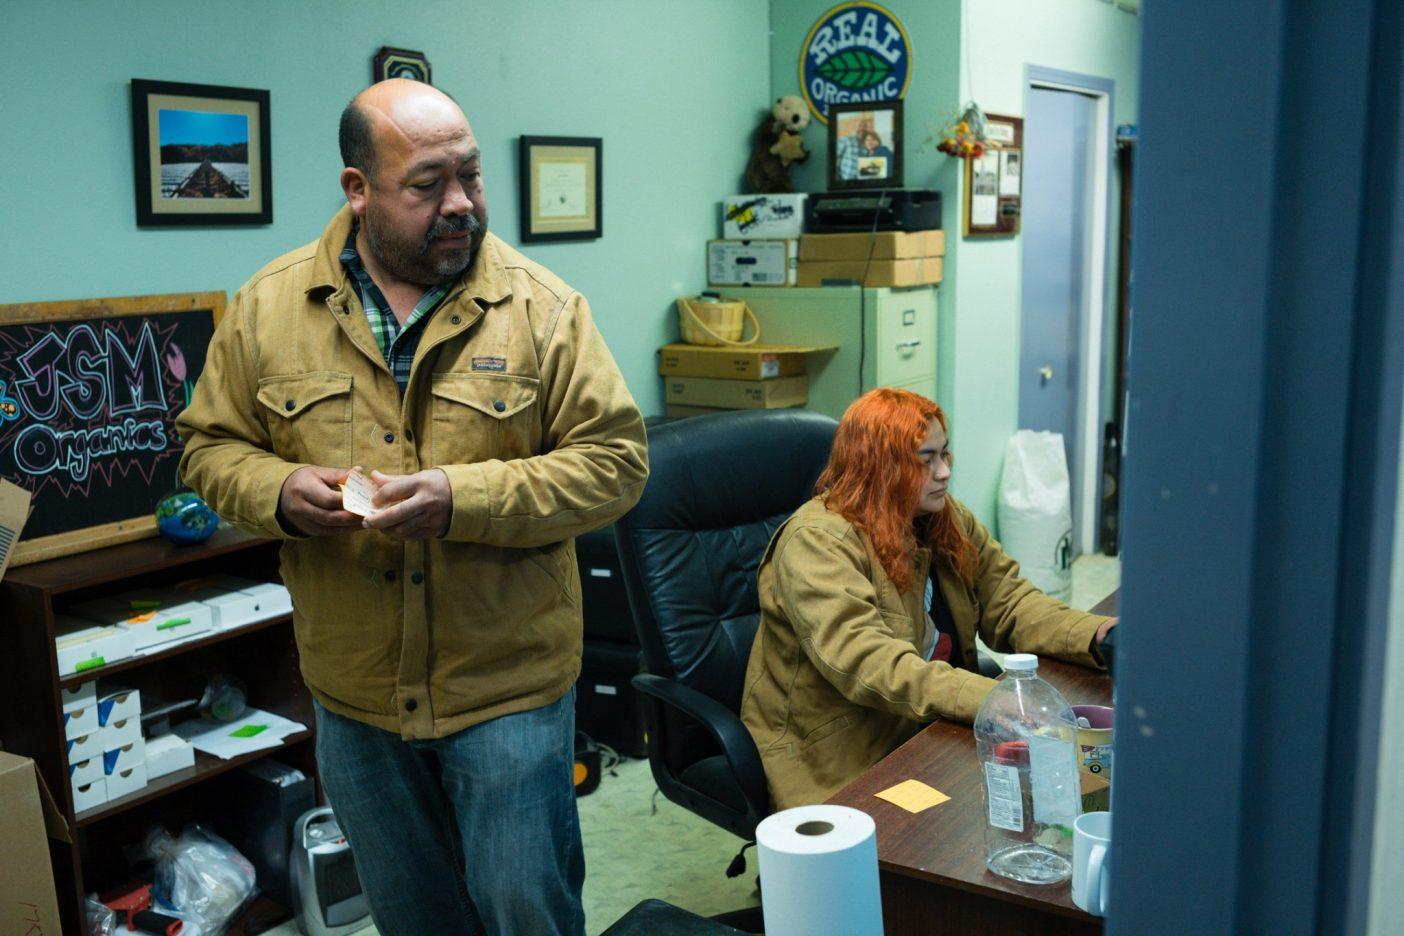 JSMオーガニックスの事務所のハビエルと娘のシンシア・サモラ。カリフォルニア州ロイヤル・オークス